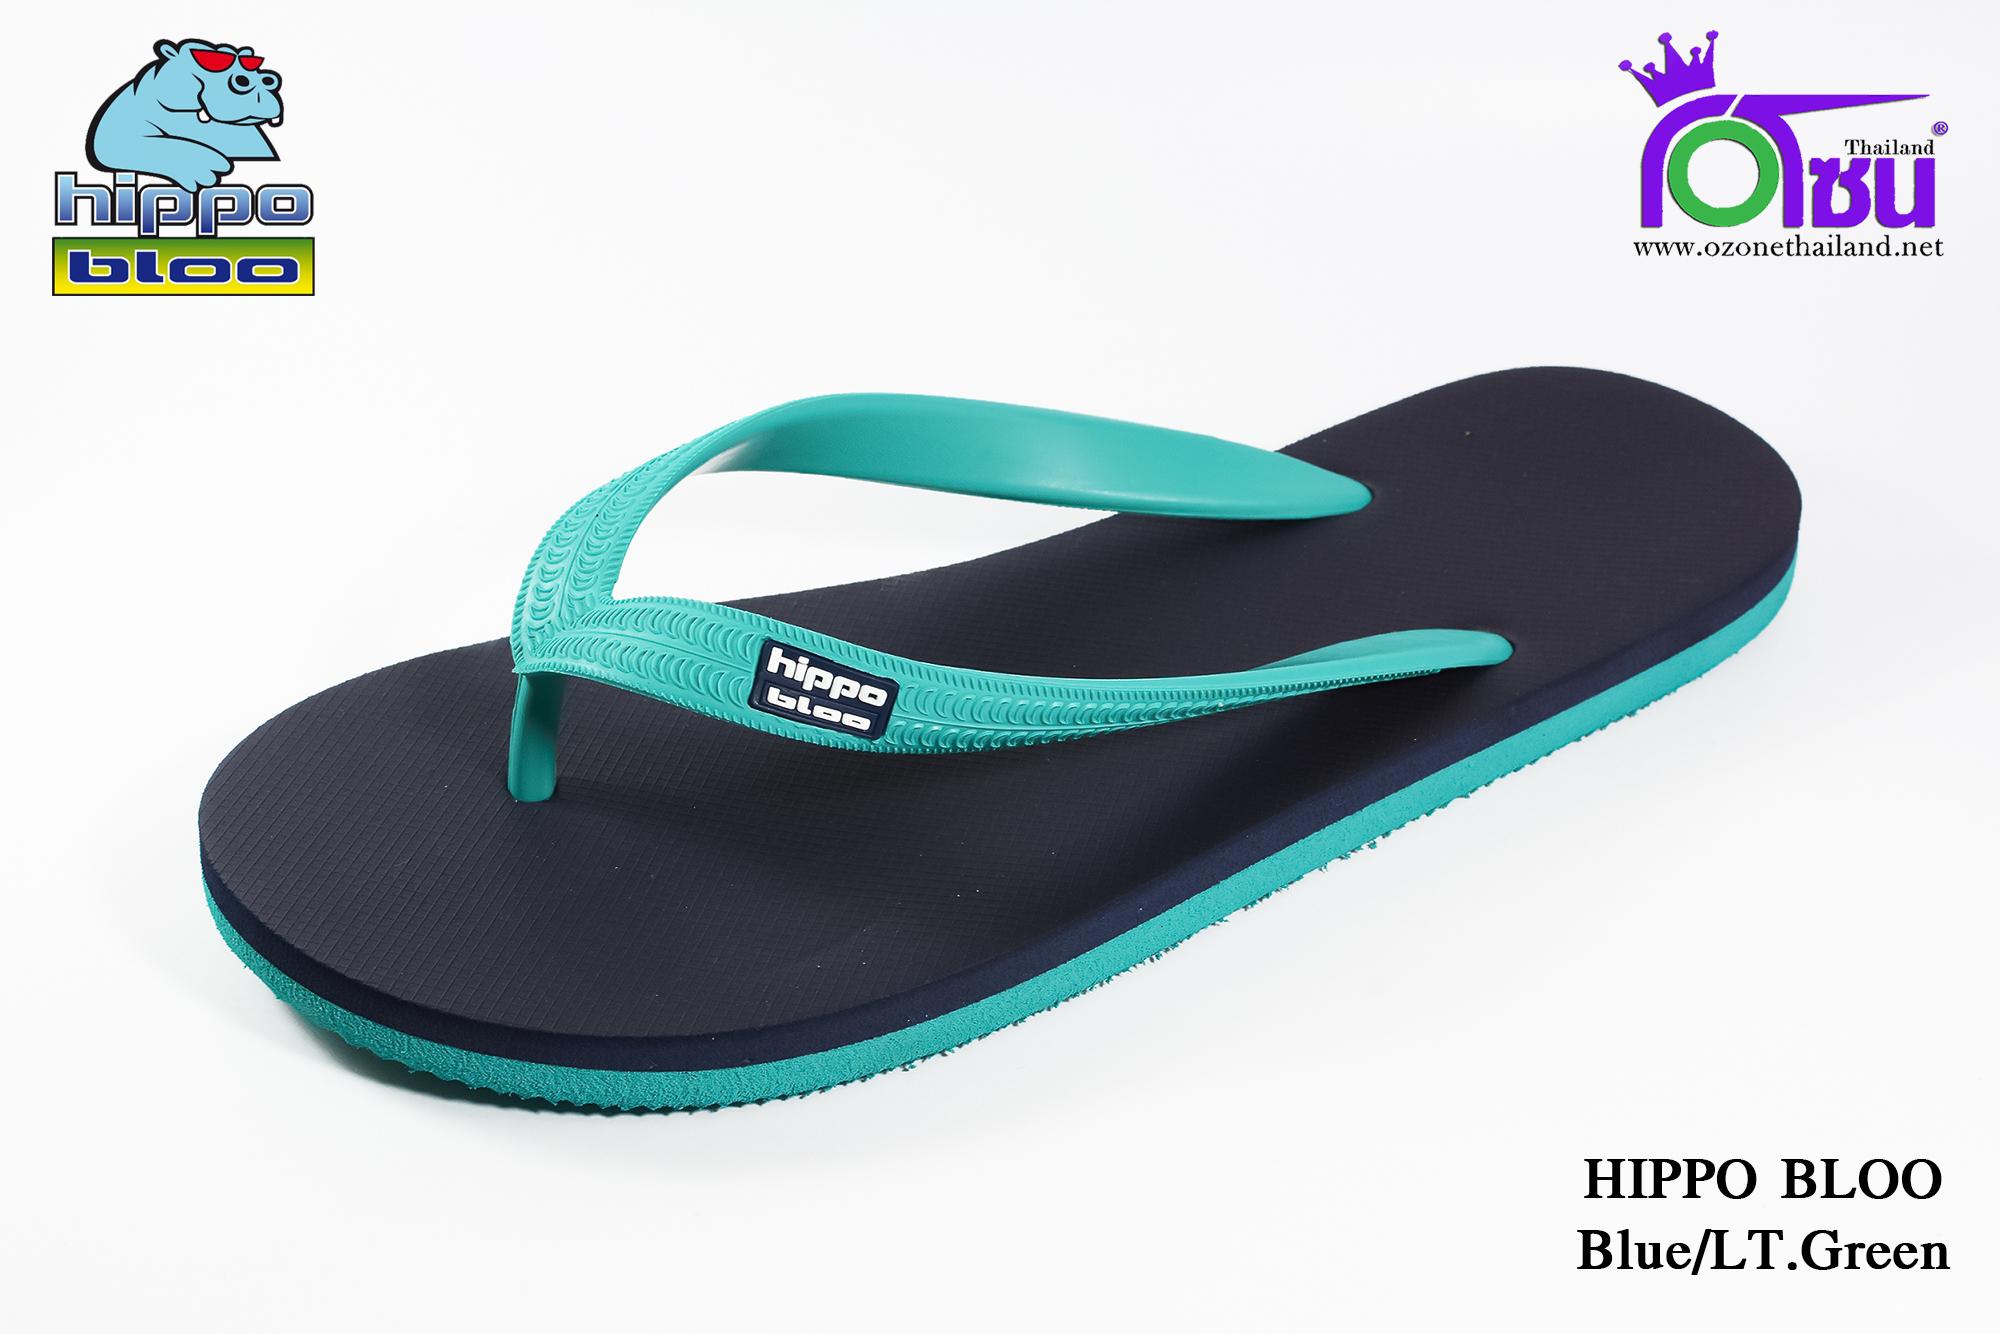 รองเท้าแตะ Hippo Bloo ฮิปโป บลู สีฟ้ากรม เบอร์ 9,9.5,10,10.5,11,12,13 สำเนา